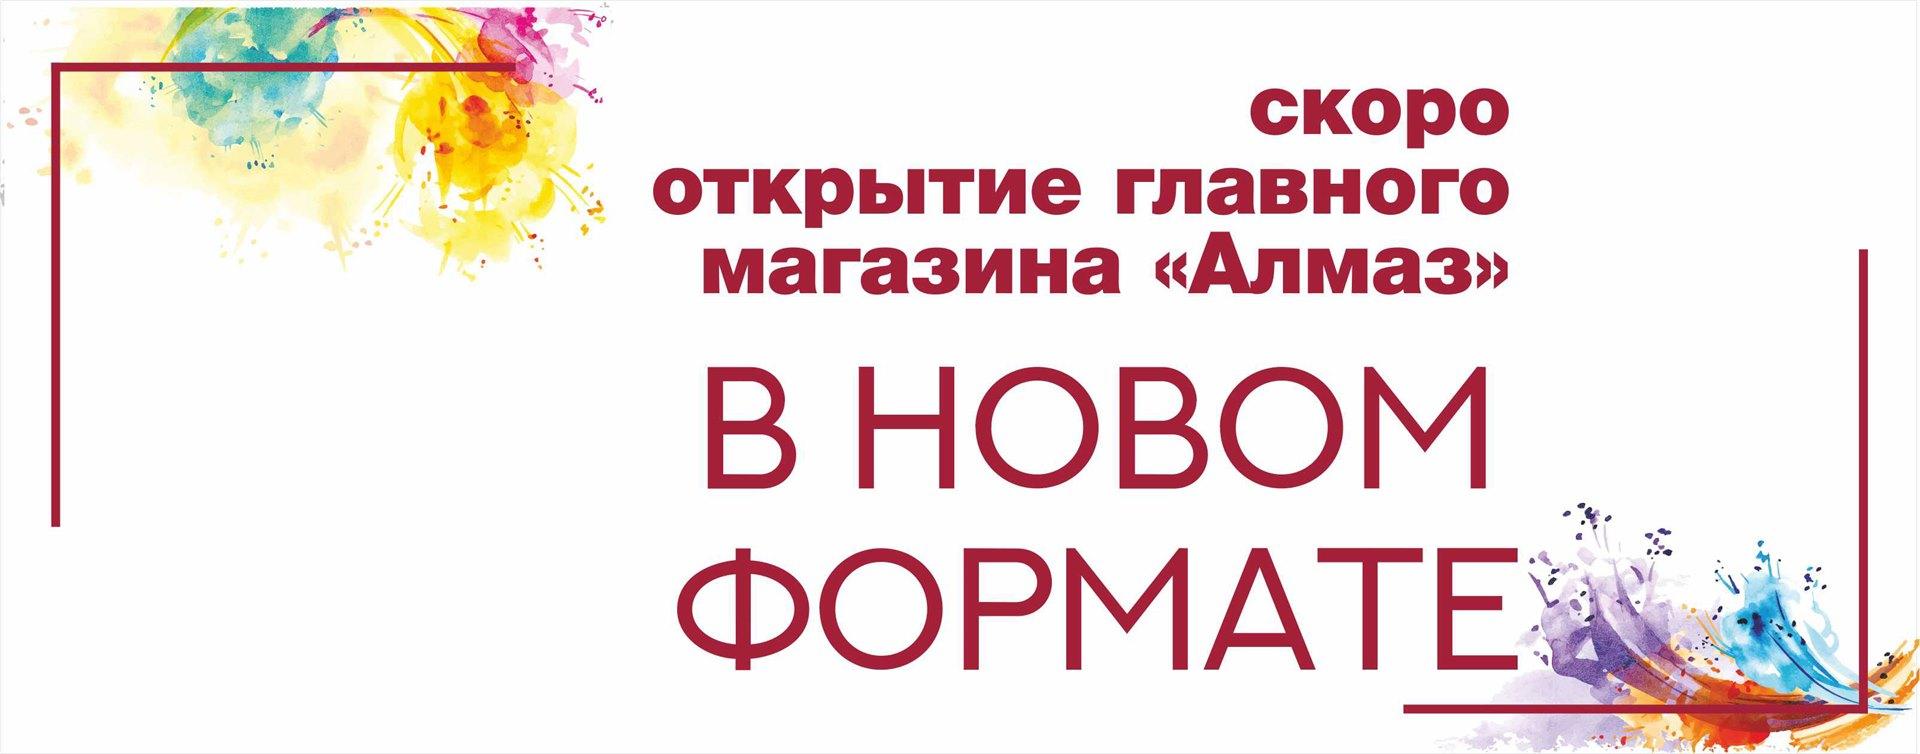 https://www.almazcom.ru/pub/img/Info/24/banner_glavnaya_stranitsa.jpg